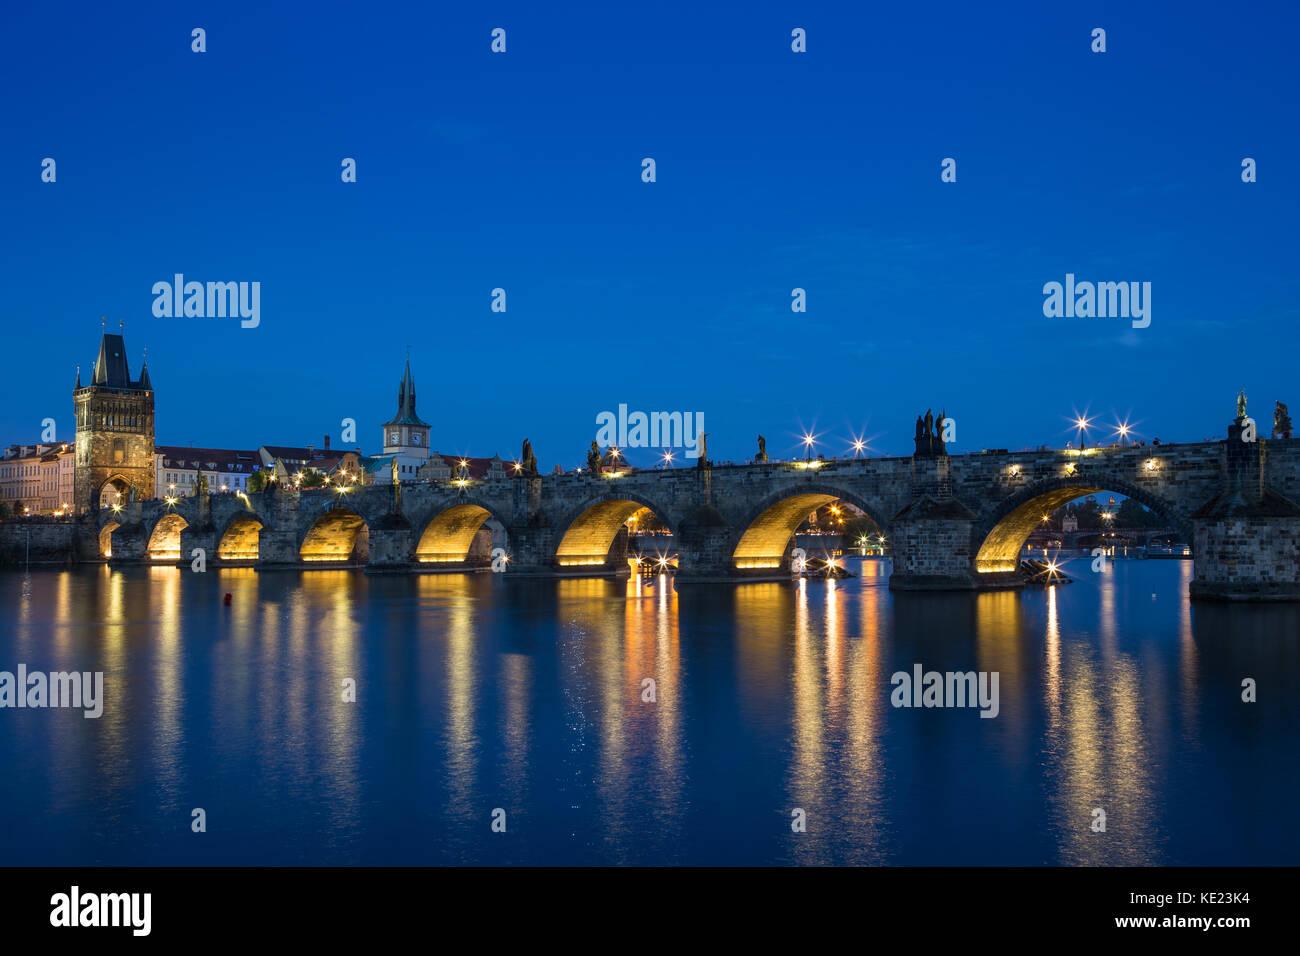 Allumé le pont Charles (Karluv Most) et les vieux bâtiments de la vieille ville et de leurs réflexions Photo Stock